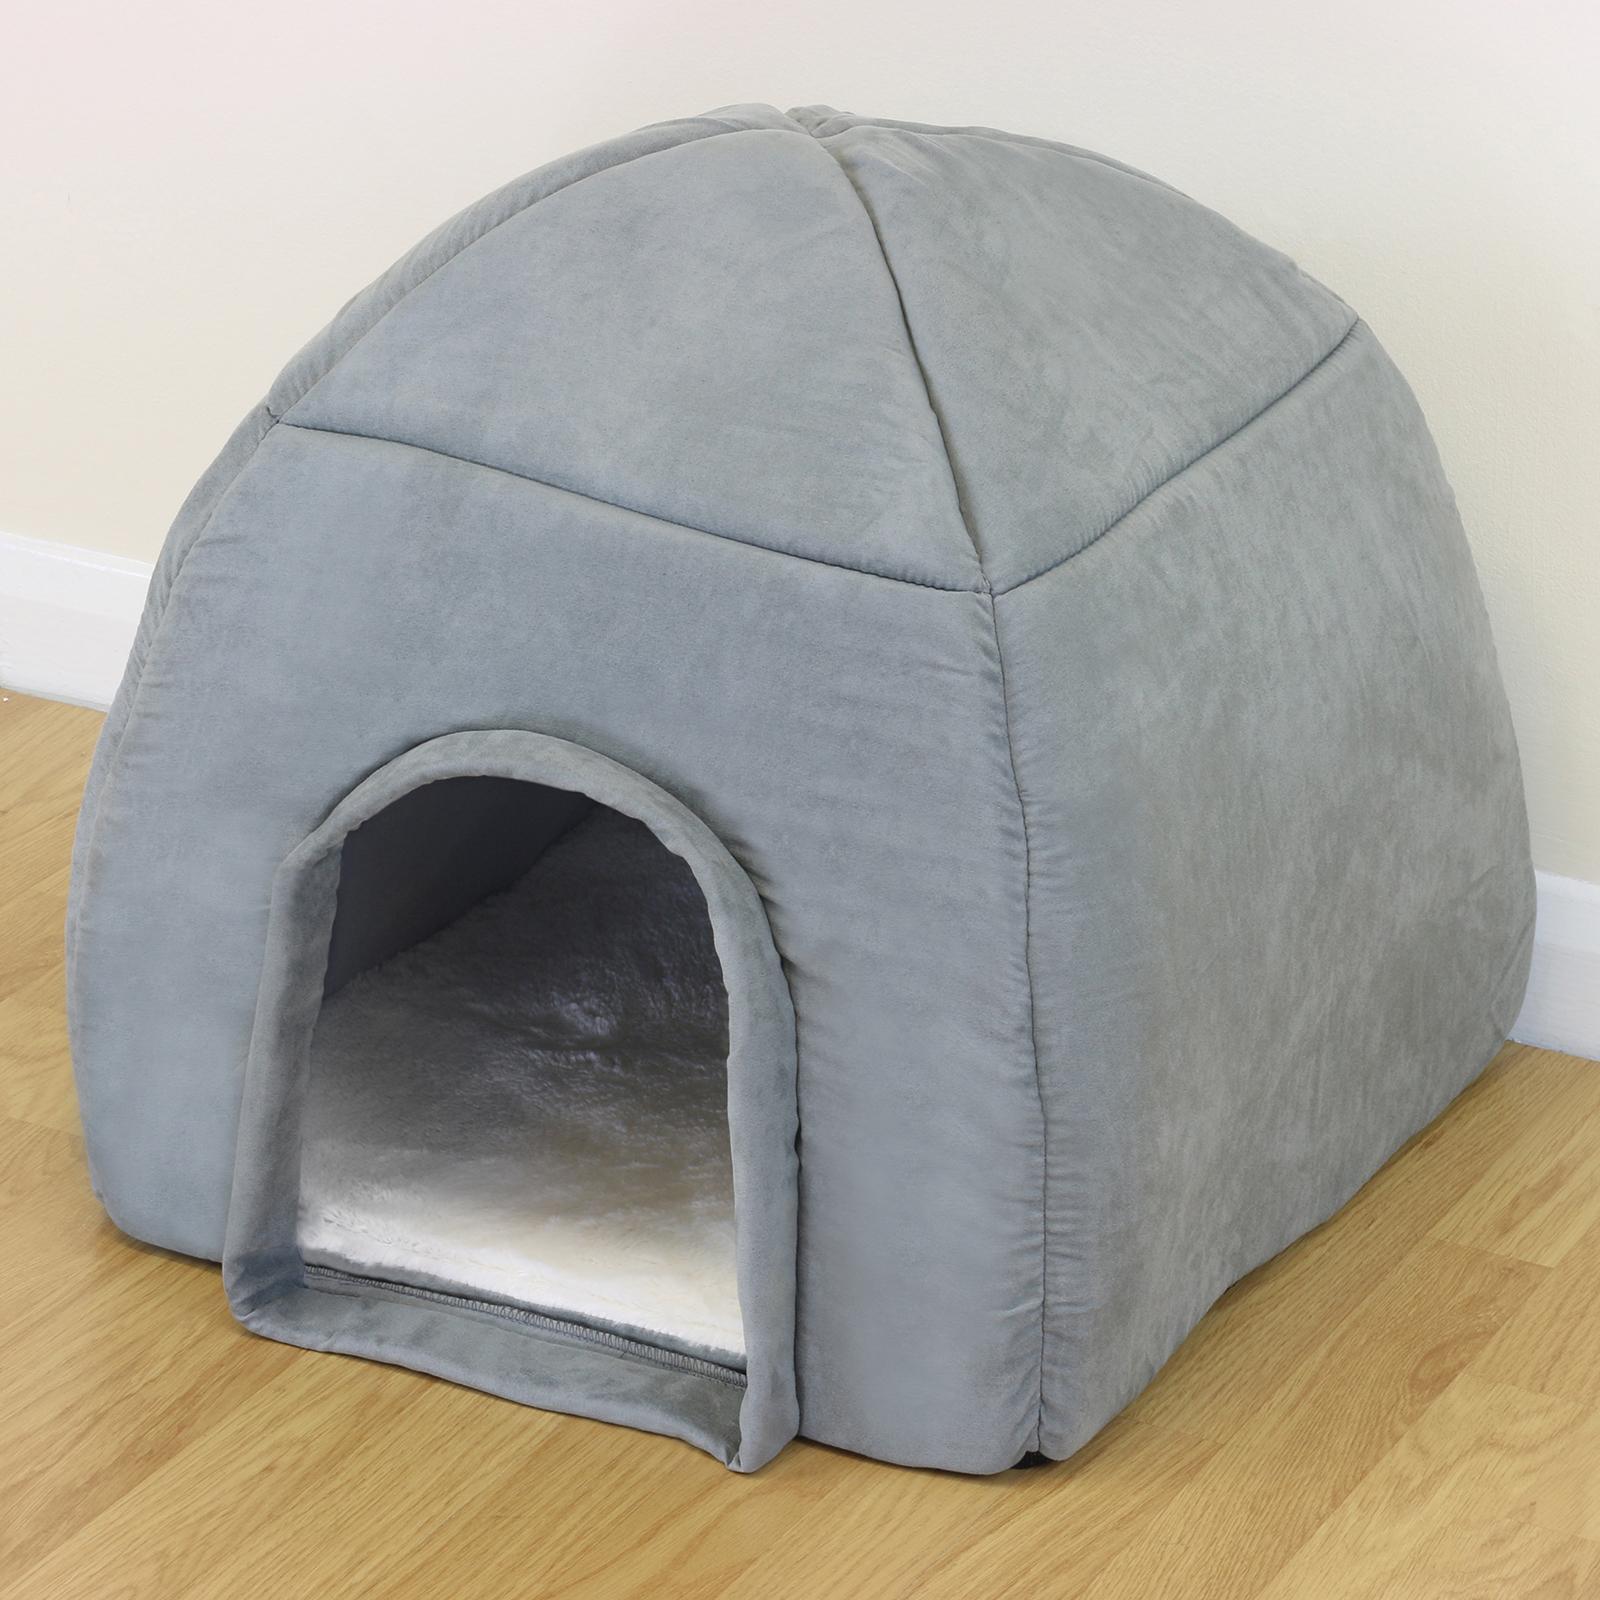 Dog House Ebay Uk